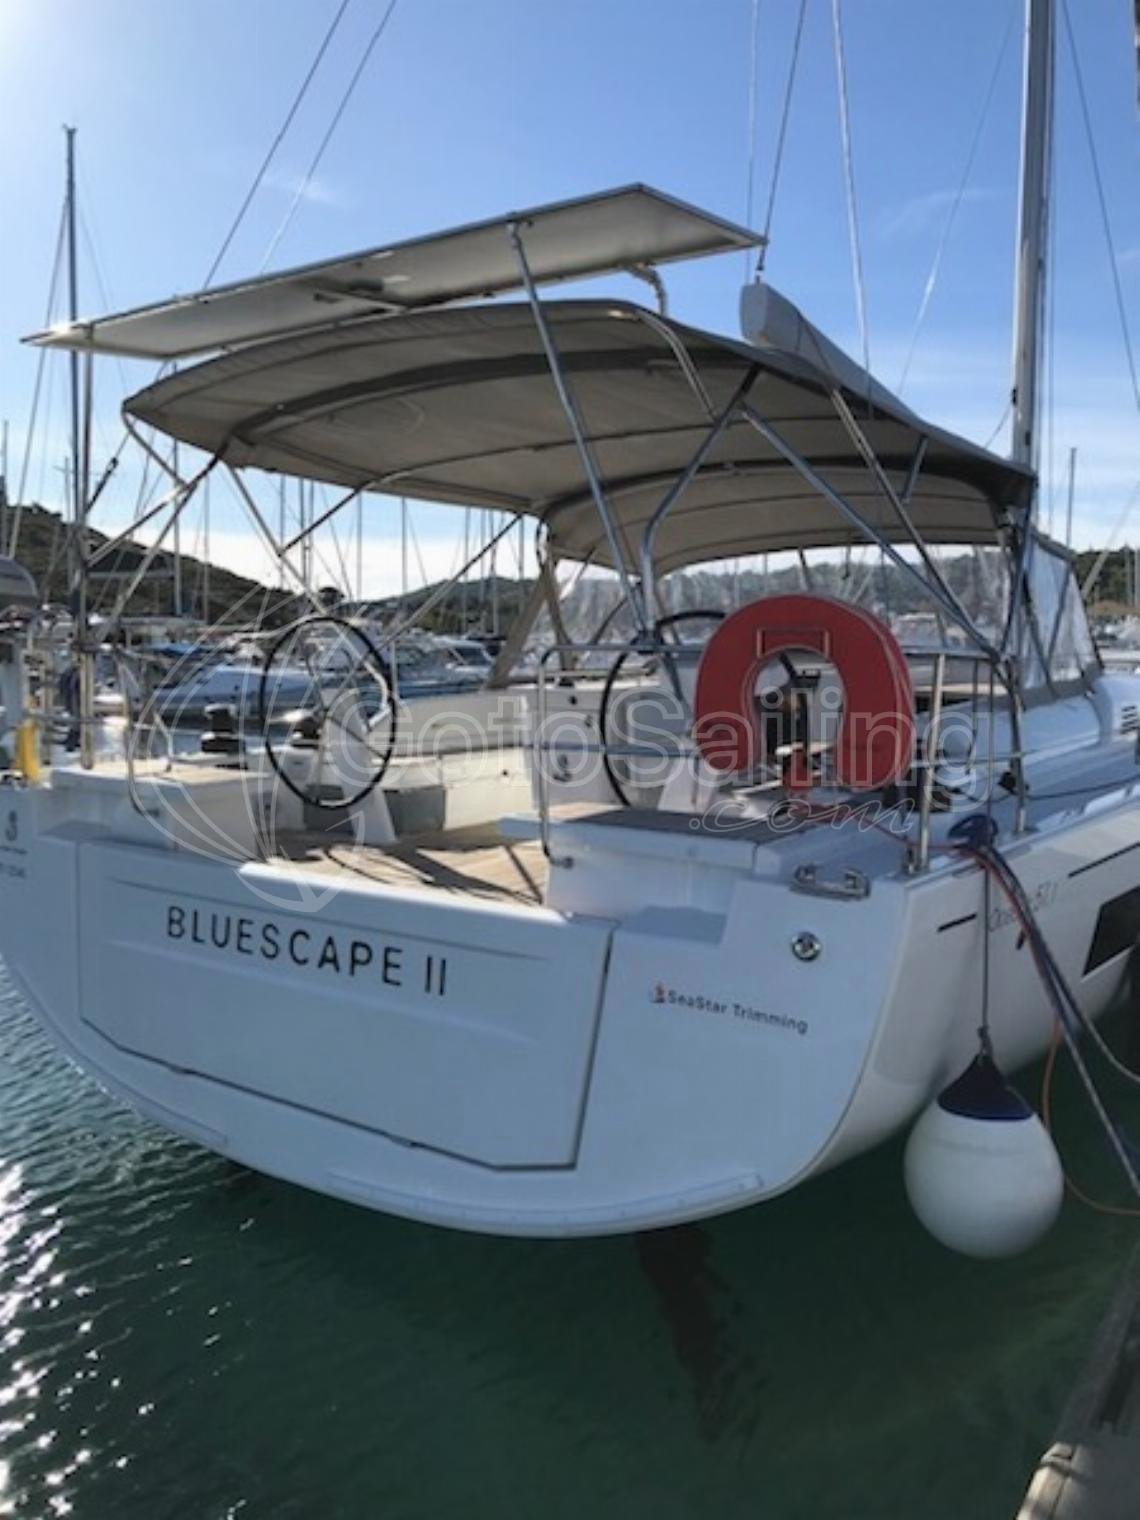 Bluescape II Oceanis 51.1